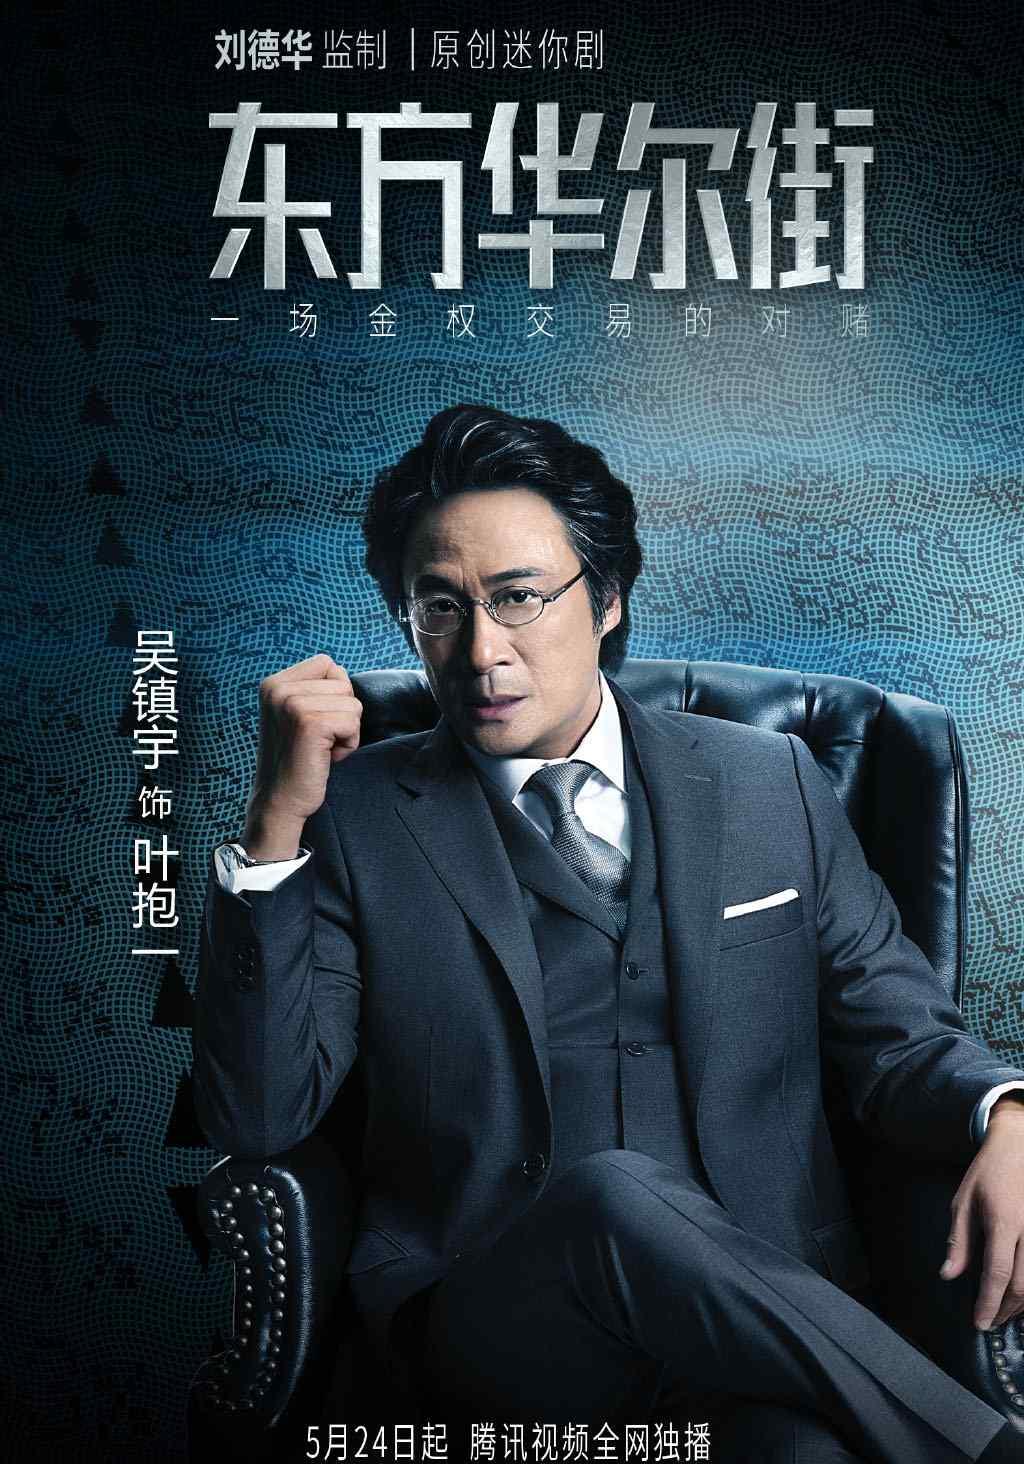 东方华尔街大哥吴镇宇高清个人角色海报